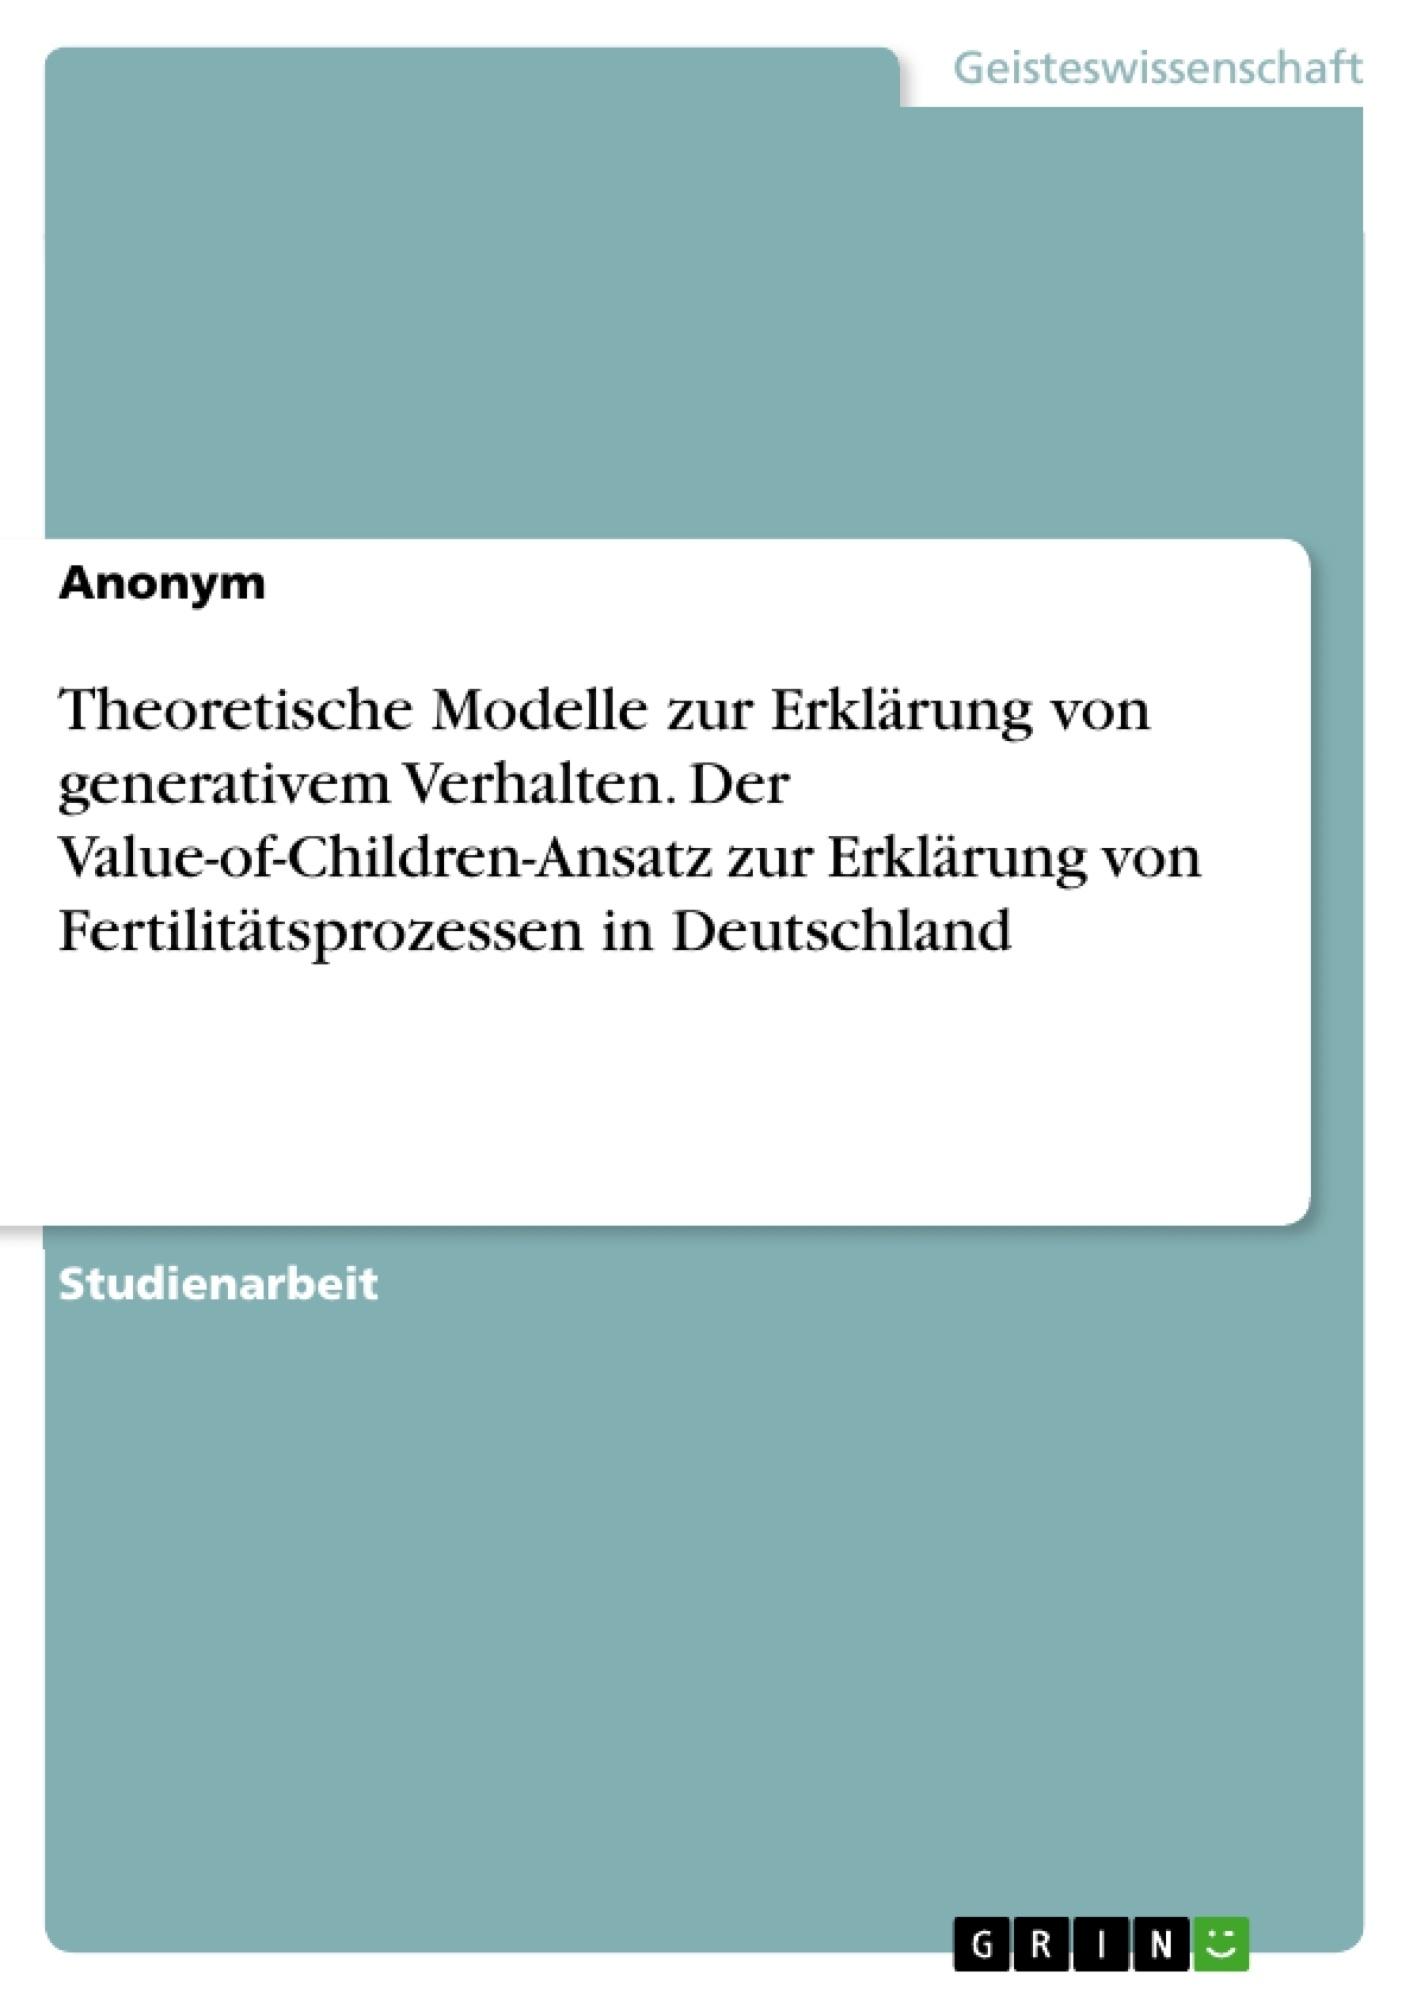 Titel: Theoretische Modelle zur Erklärung von generativem Verhalten. Der Value-of-Children-Ansatz zur Erklärung von Fertilitätsprozessen in Deutschland